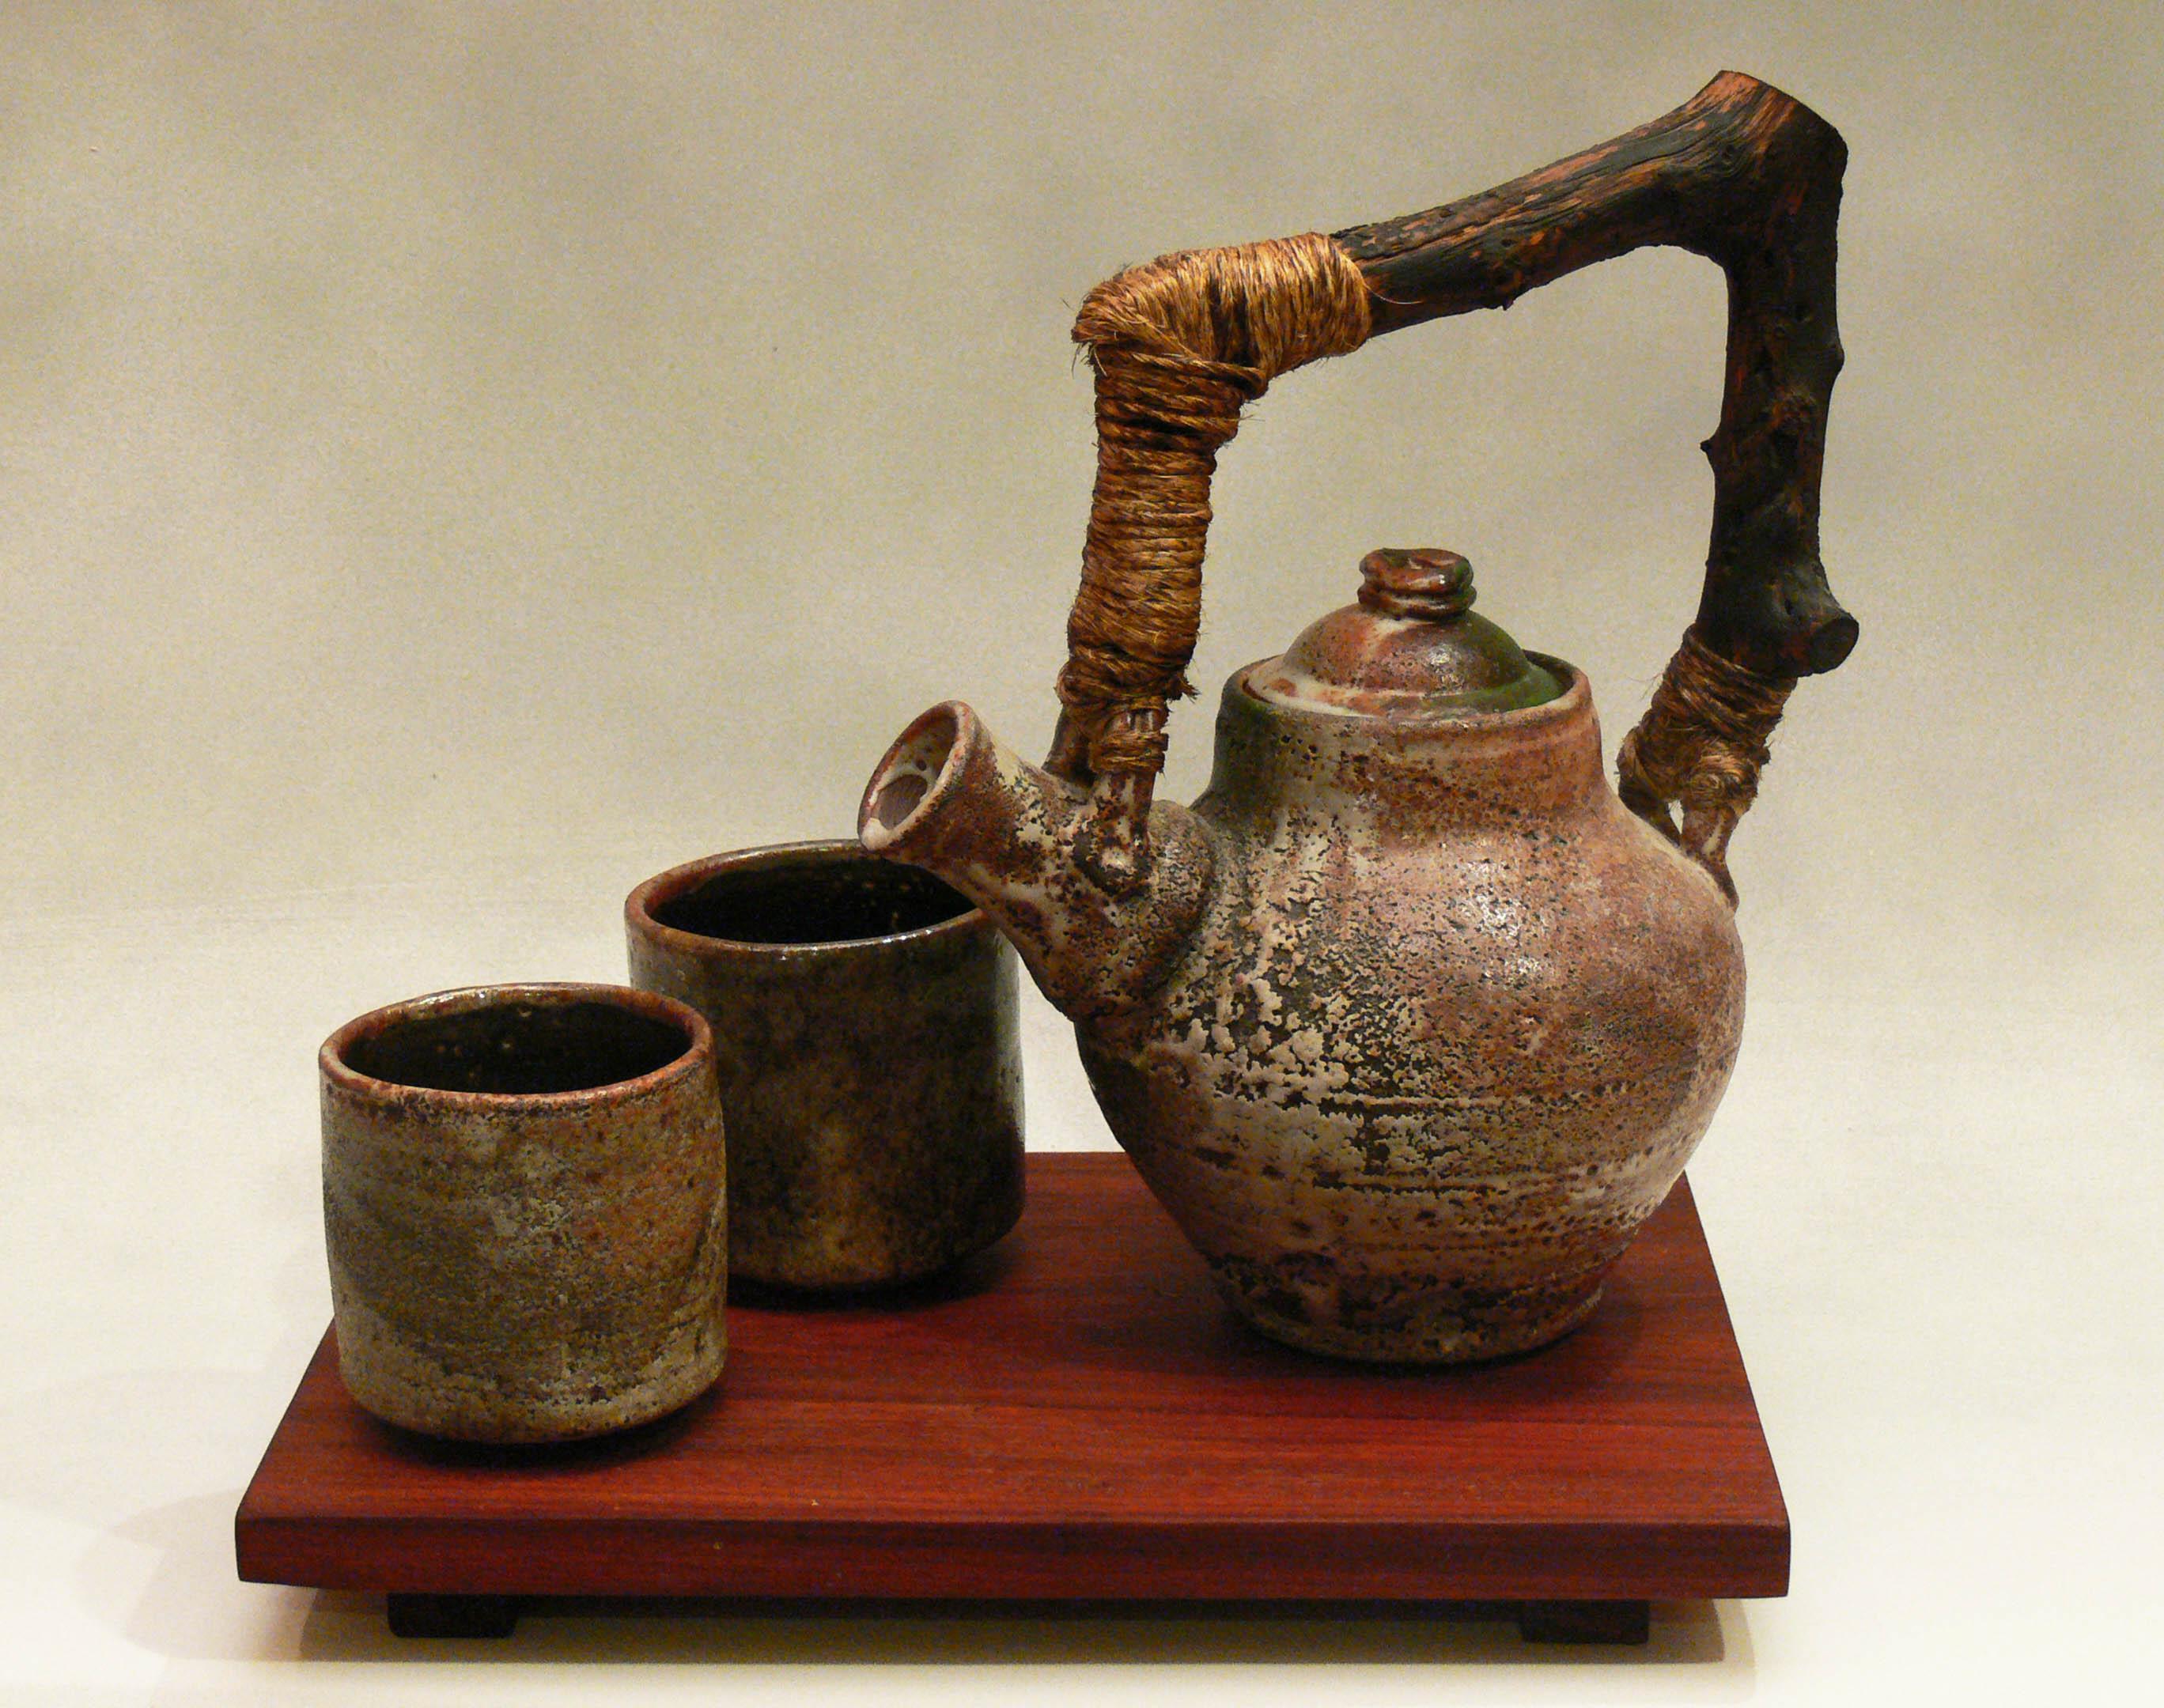 Blasted Tea Set